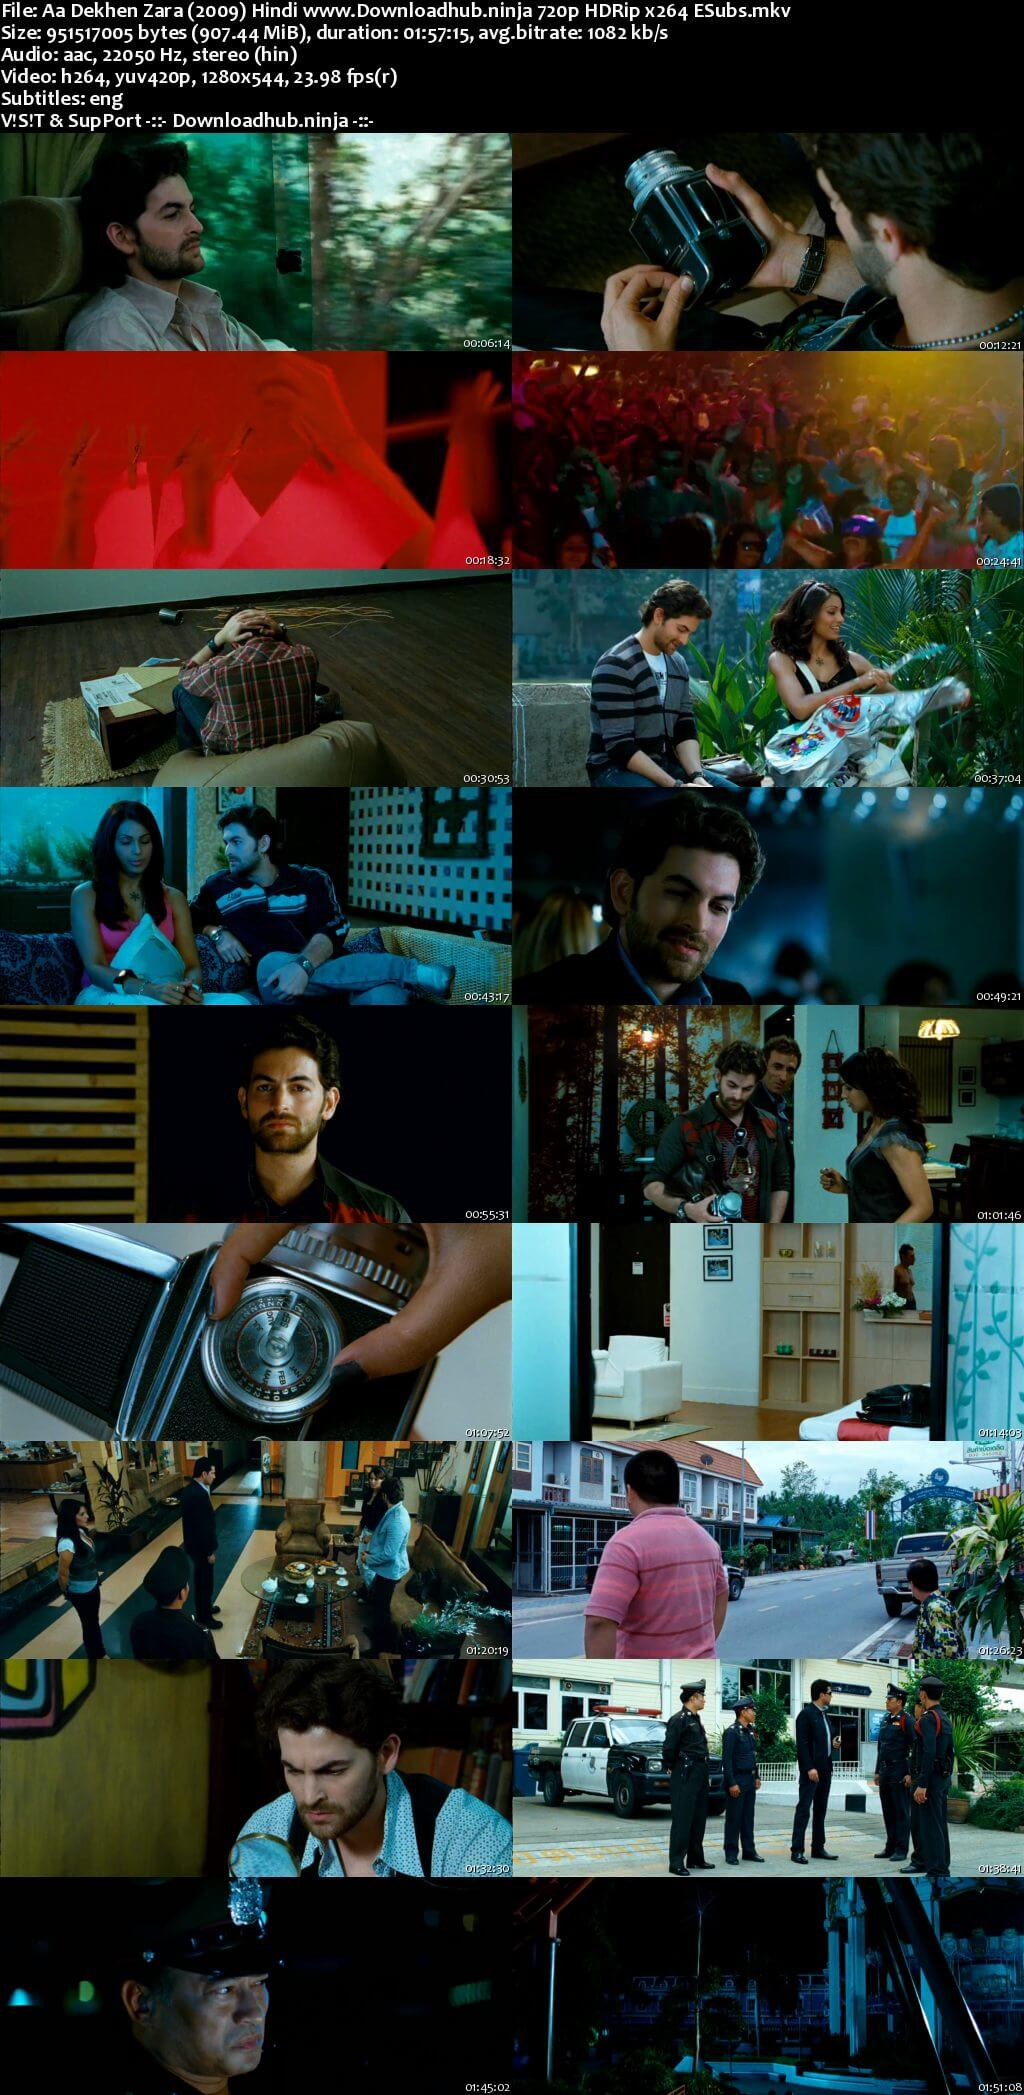 Anjaana Anjaani 2010 Hindi 720p HDRio x264